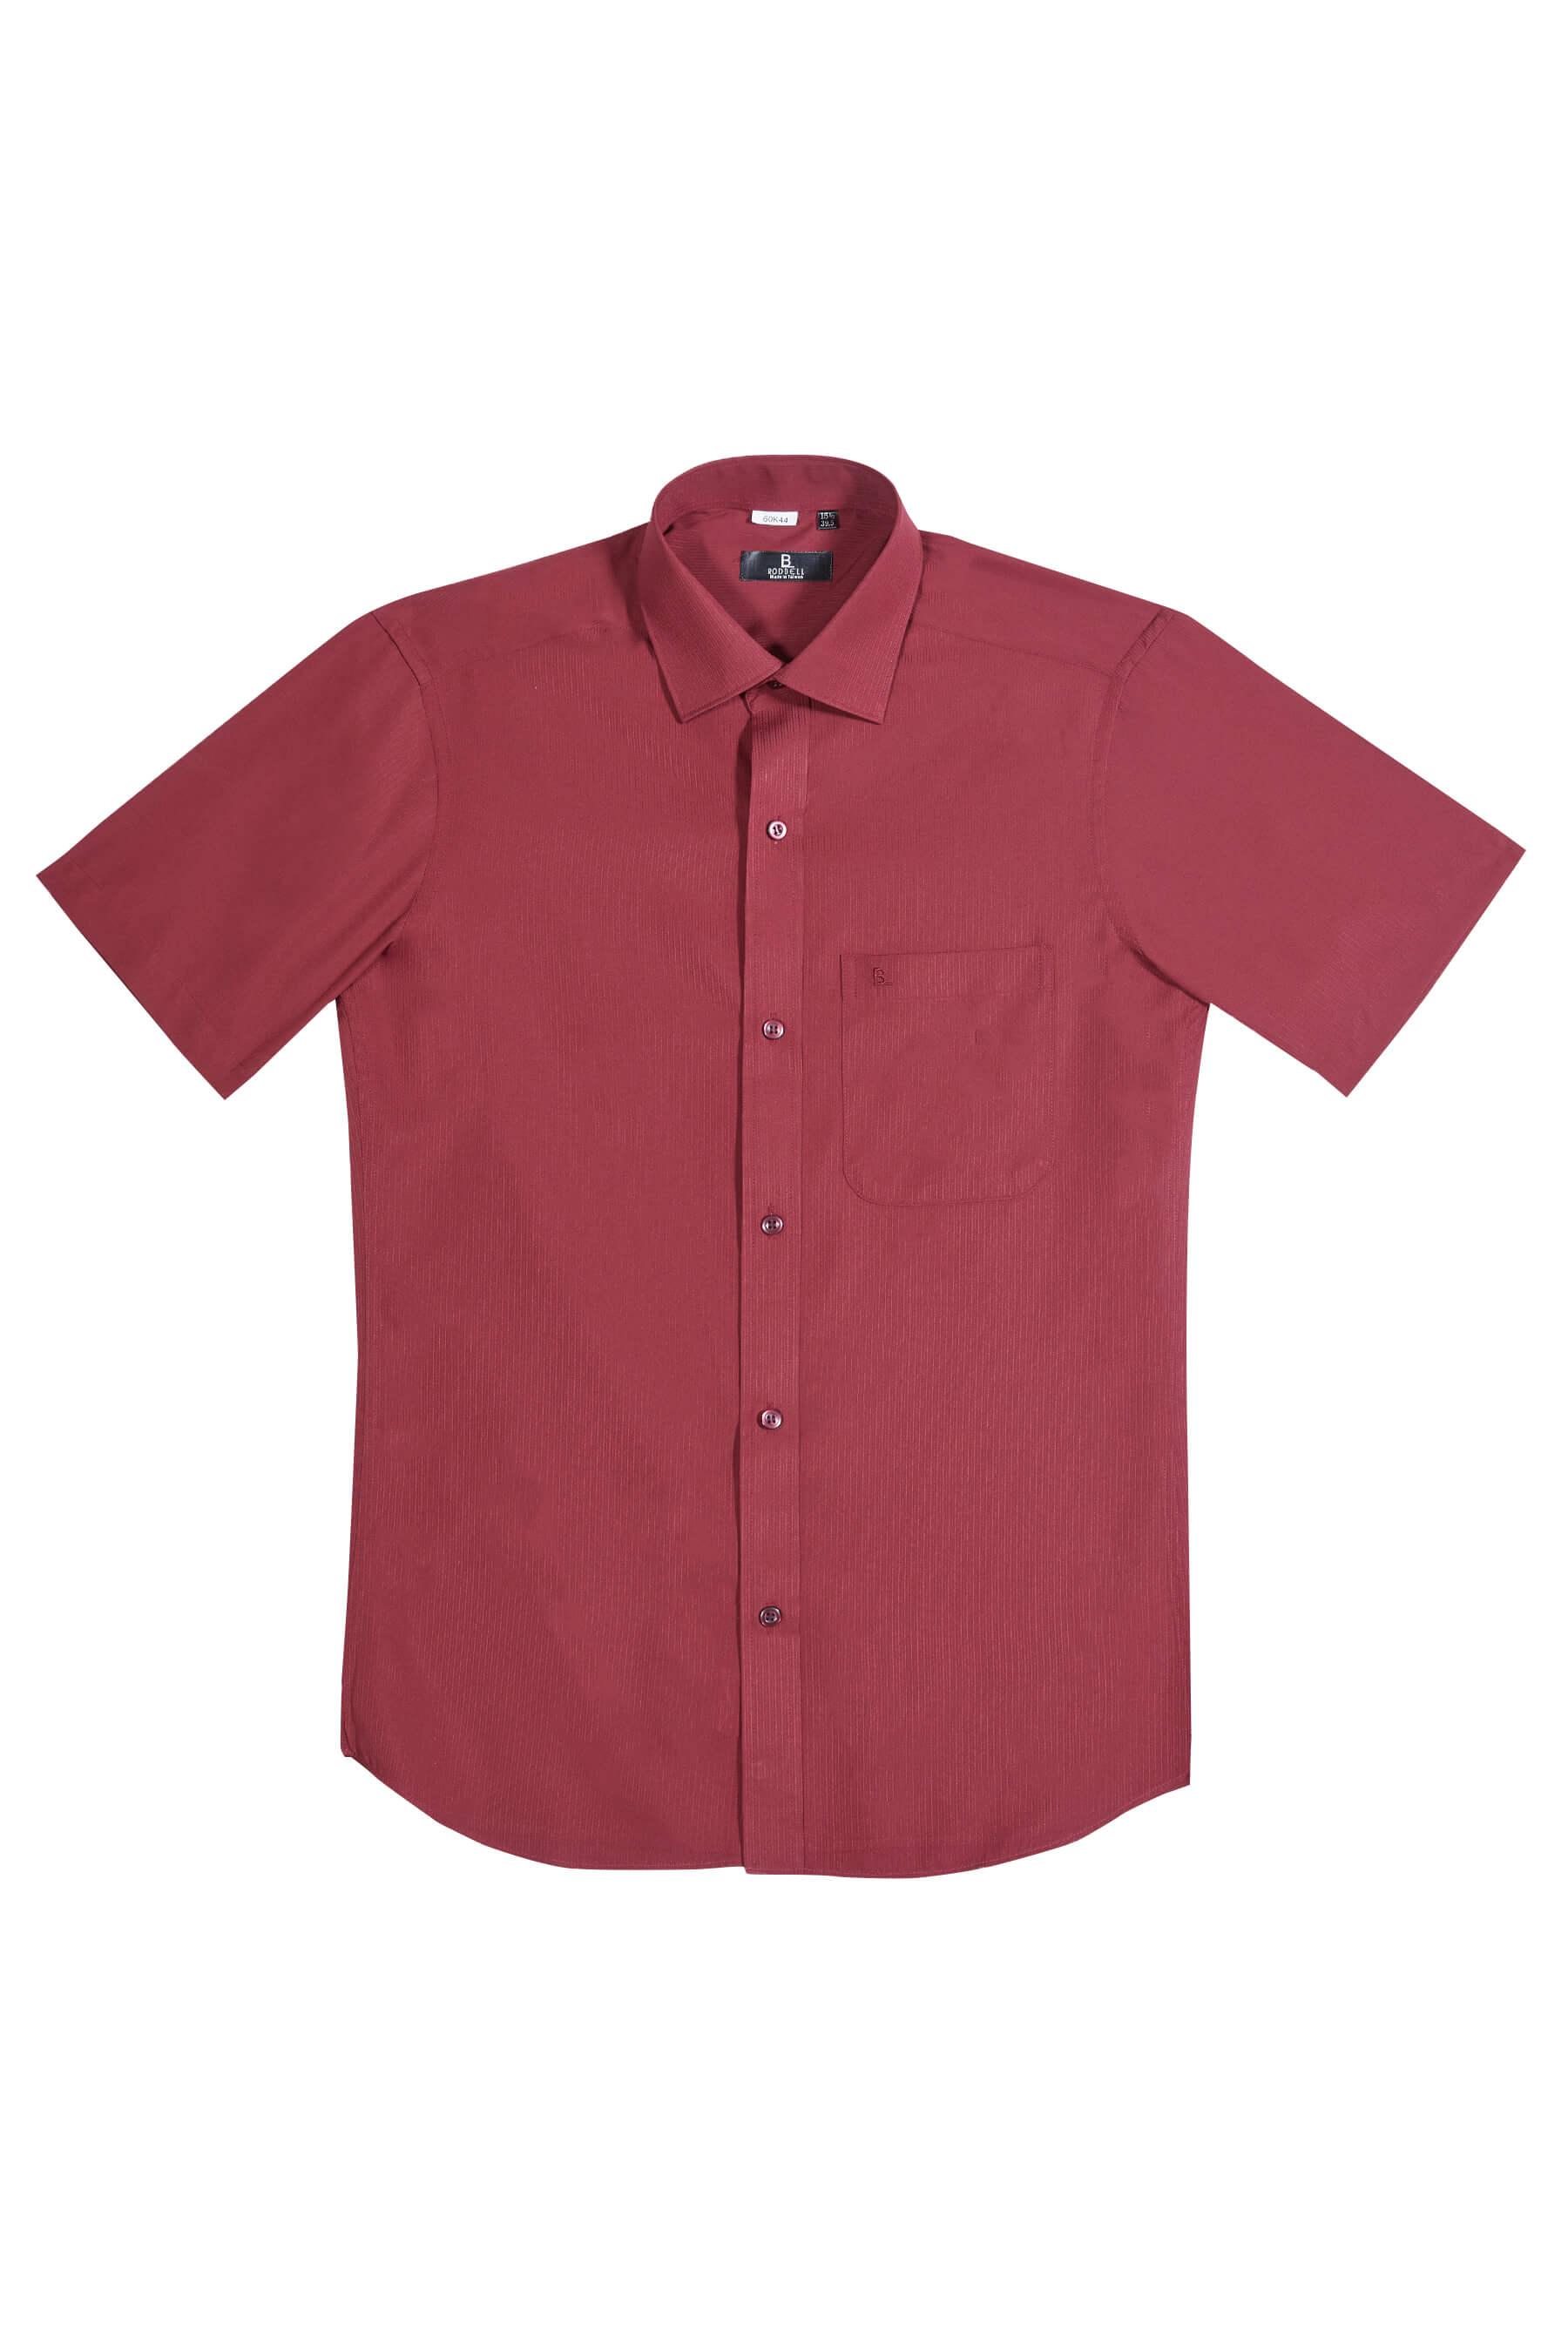 暗紅色緹花短袖襯衫/抗皺 吸濕排汗